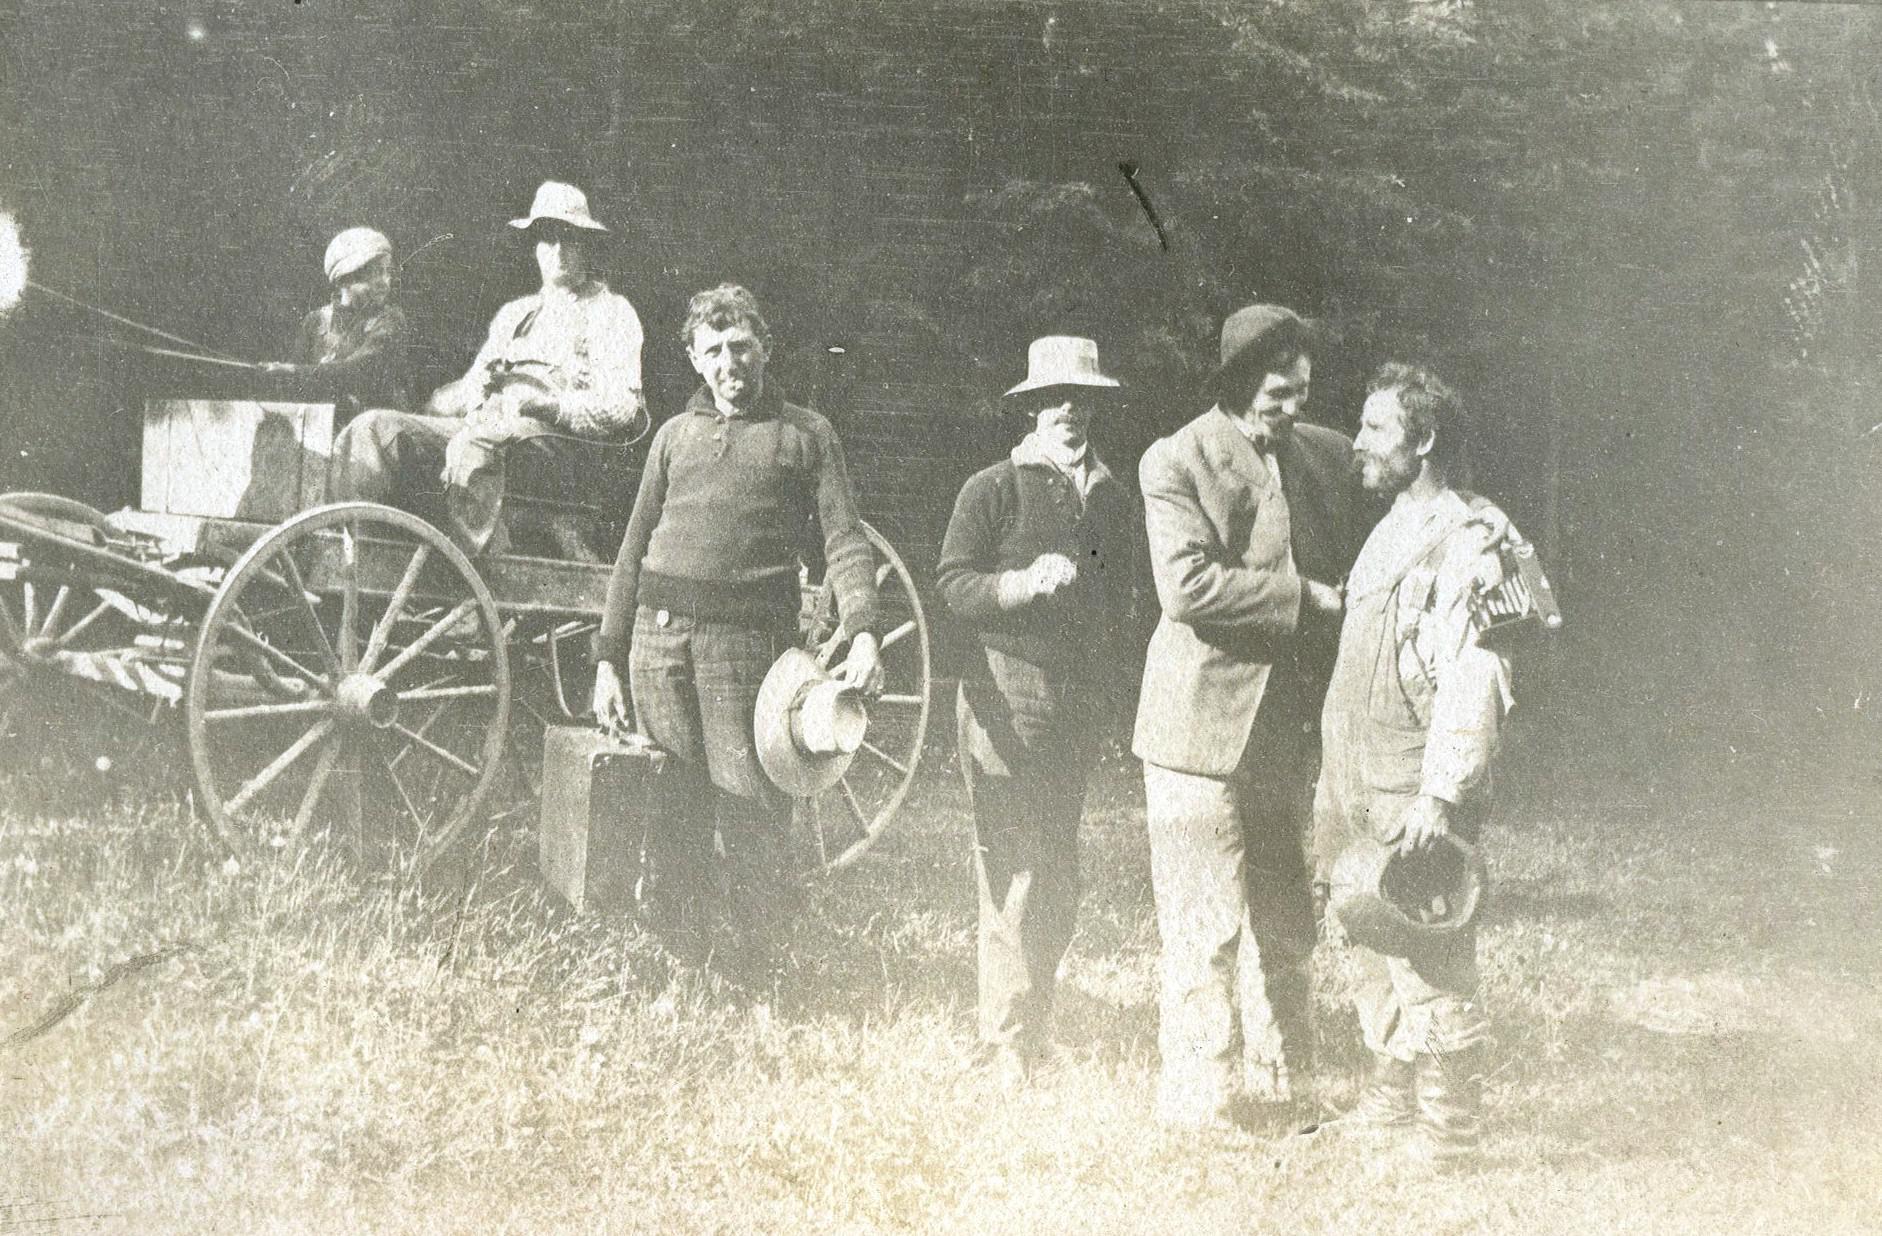 Des hommes se tenant près d'une voiture à cheval rencontrent un homme en vêtements de travail.